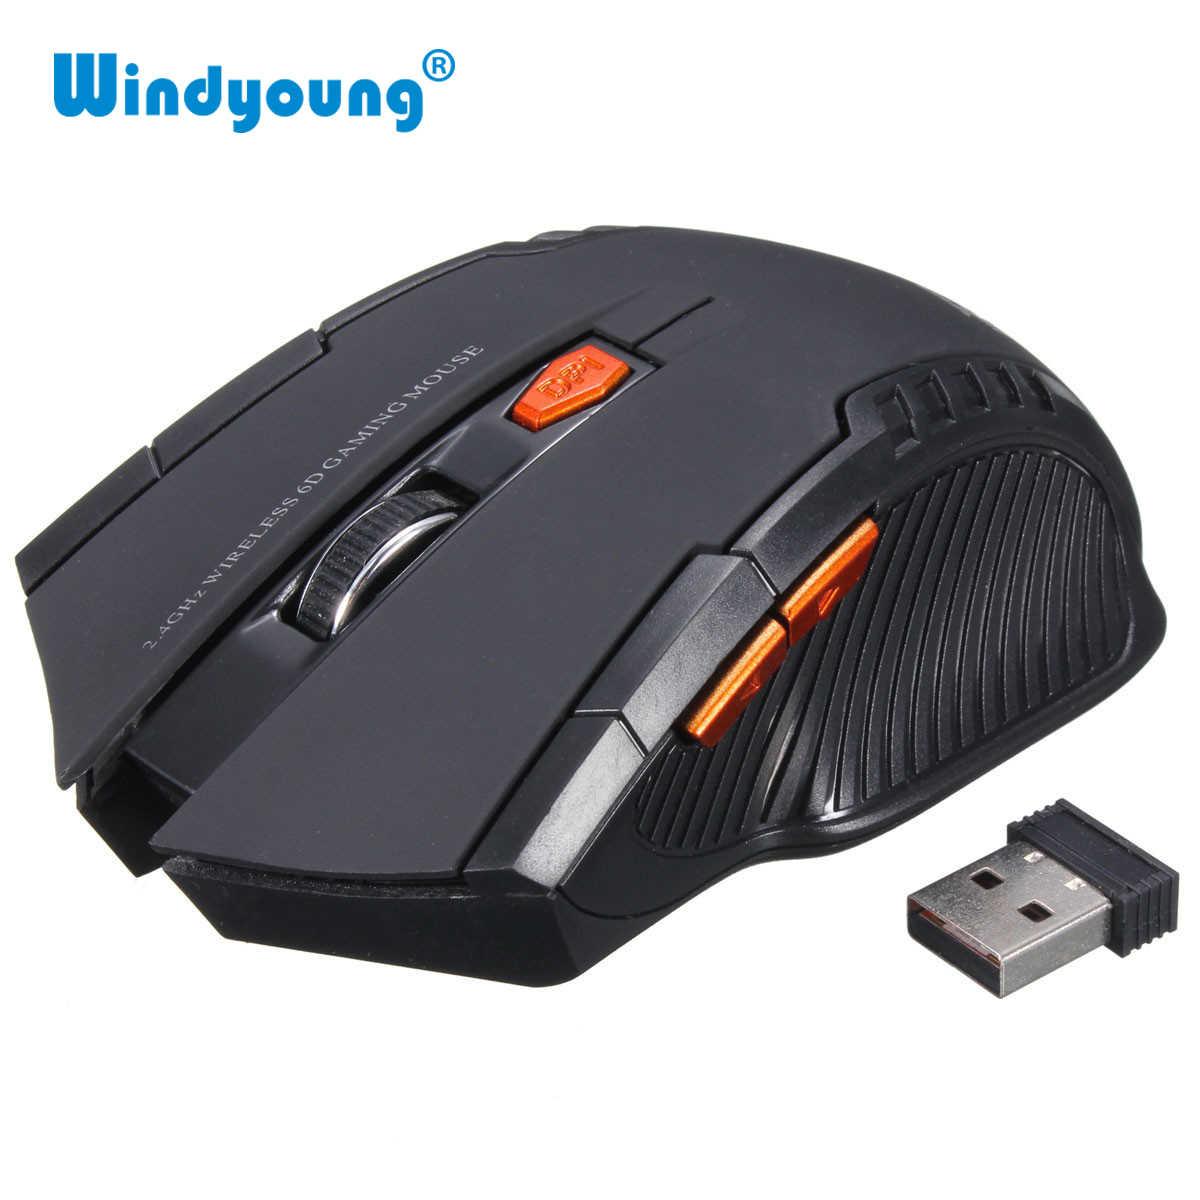 Ratón ratón óptico inalámbrico de 2,4 GHz nuevo juego ratón inalámbrico con receptor USB Mause para ordenador portátil de juegos jugador